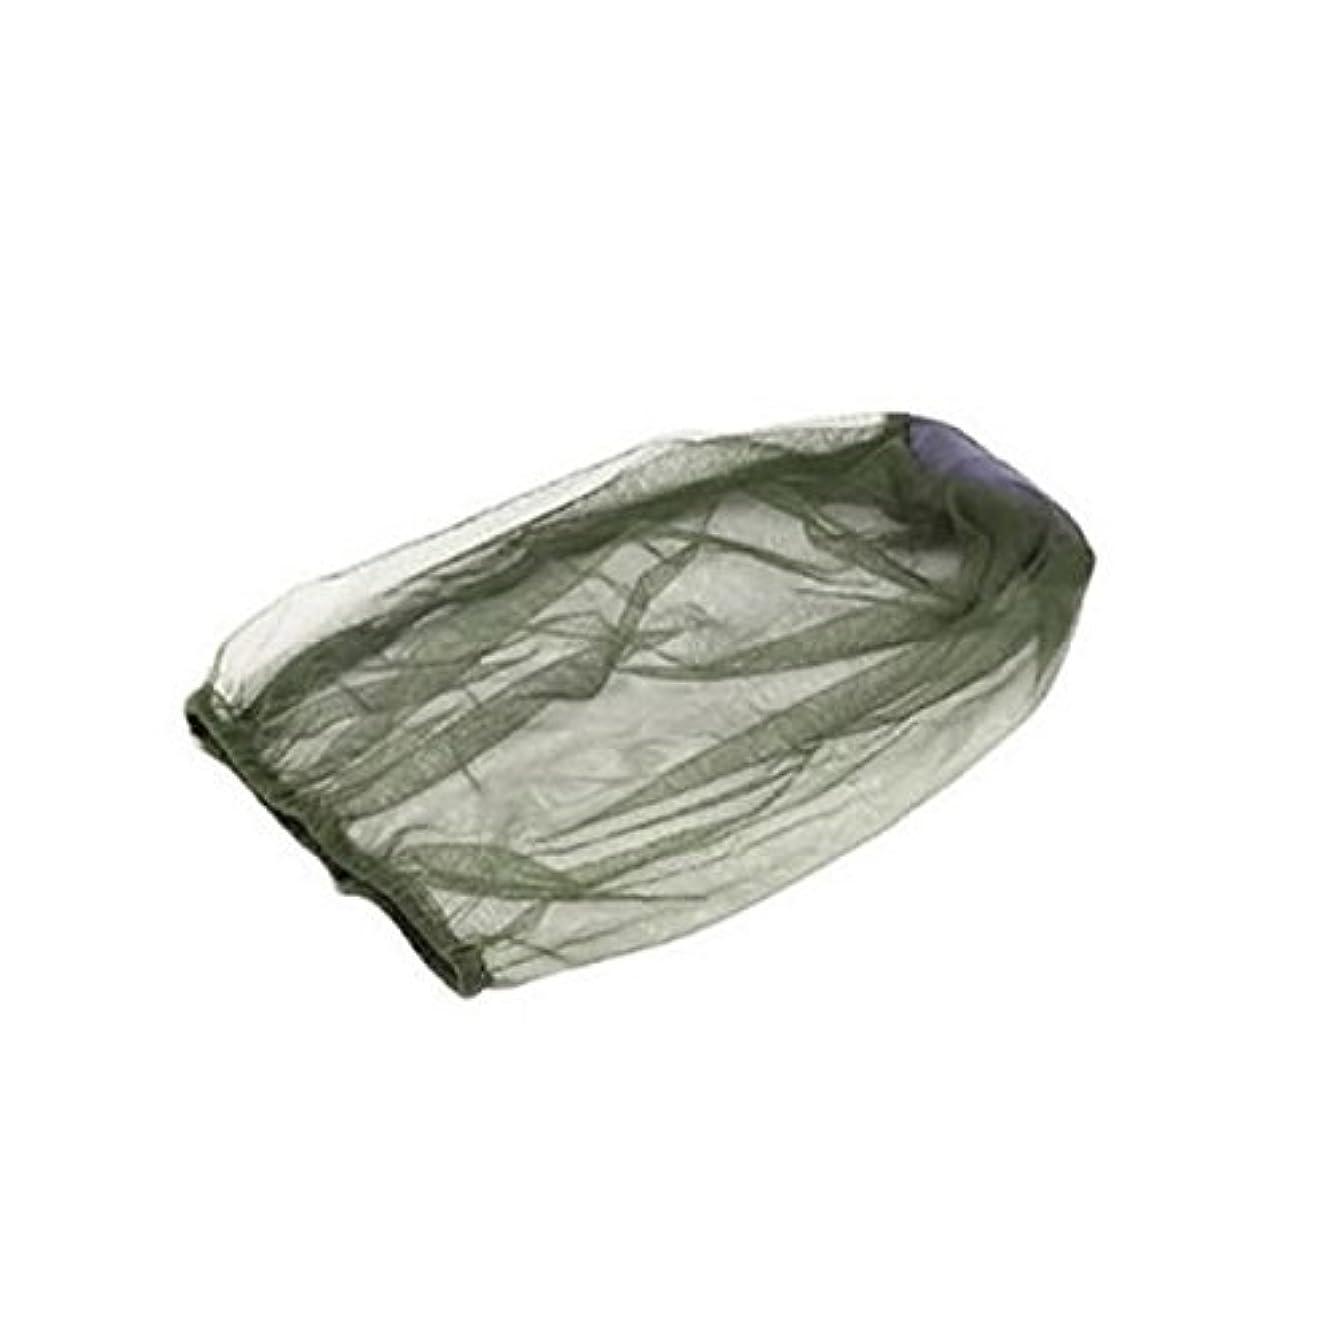 信頼性のあるボックス防衛MIRACLE 帽子用 モスキートネット 蚊帳 防虫 ネット 蚊 ハエ 羽虫 MC-MOSUNET